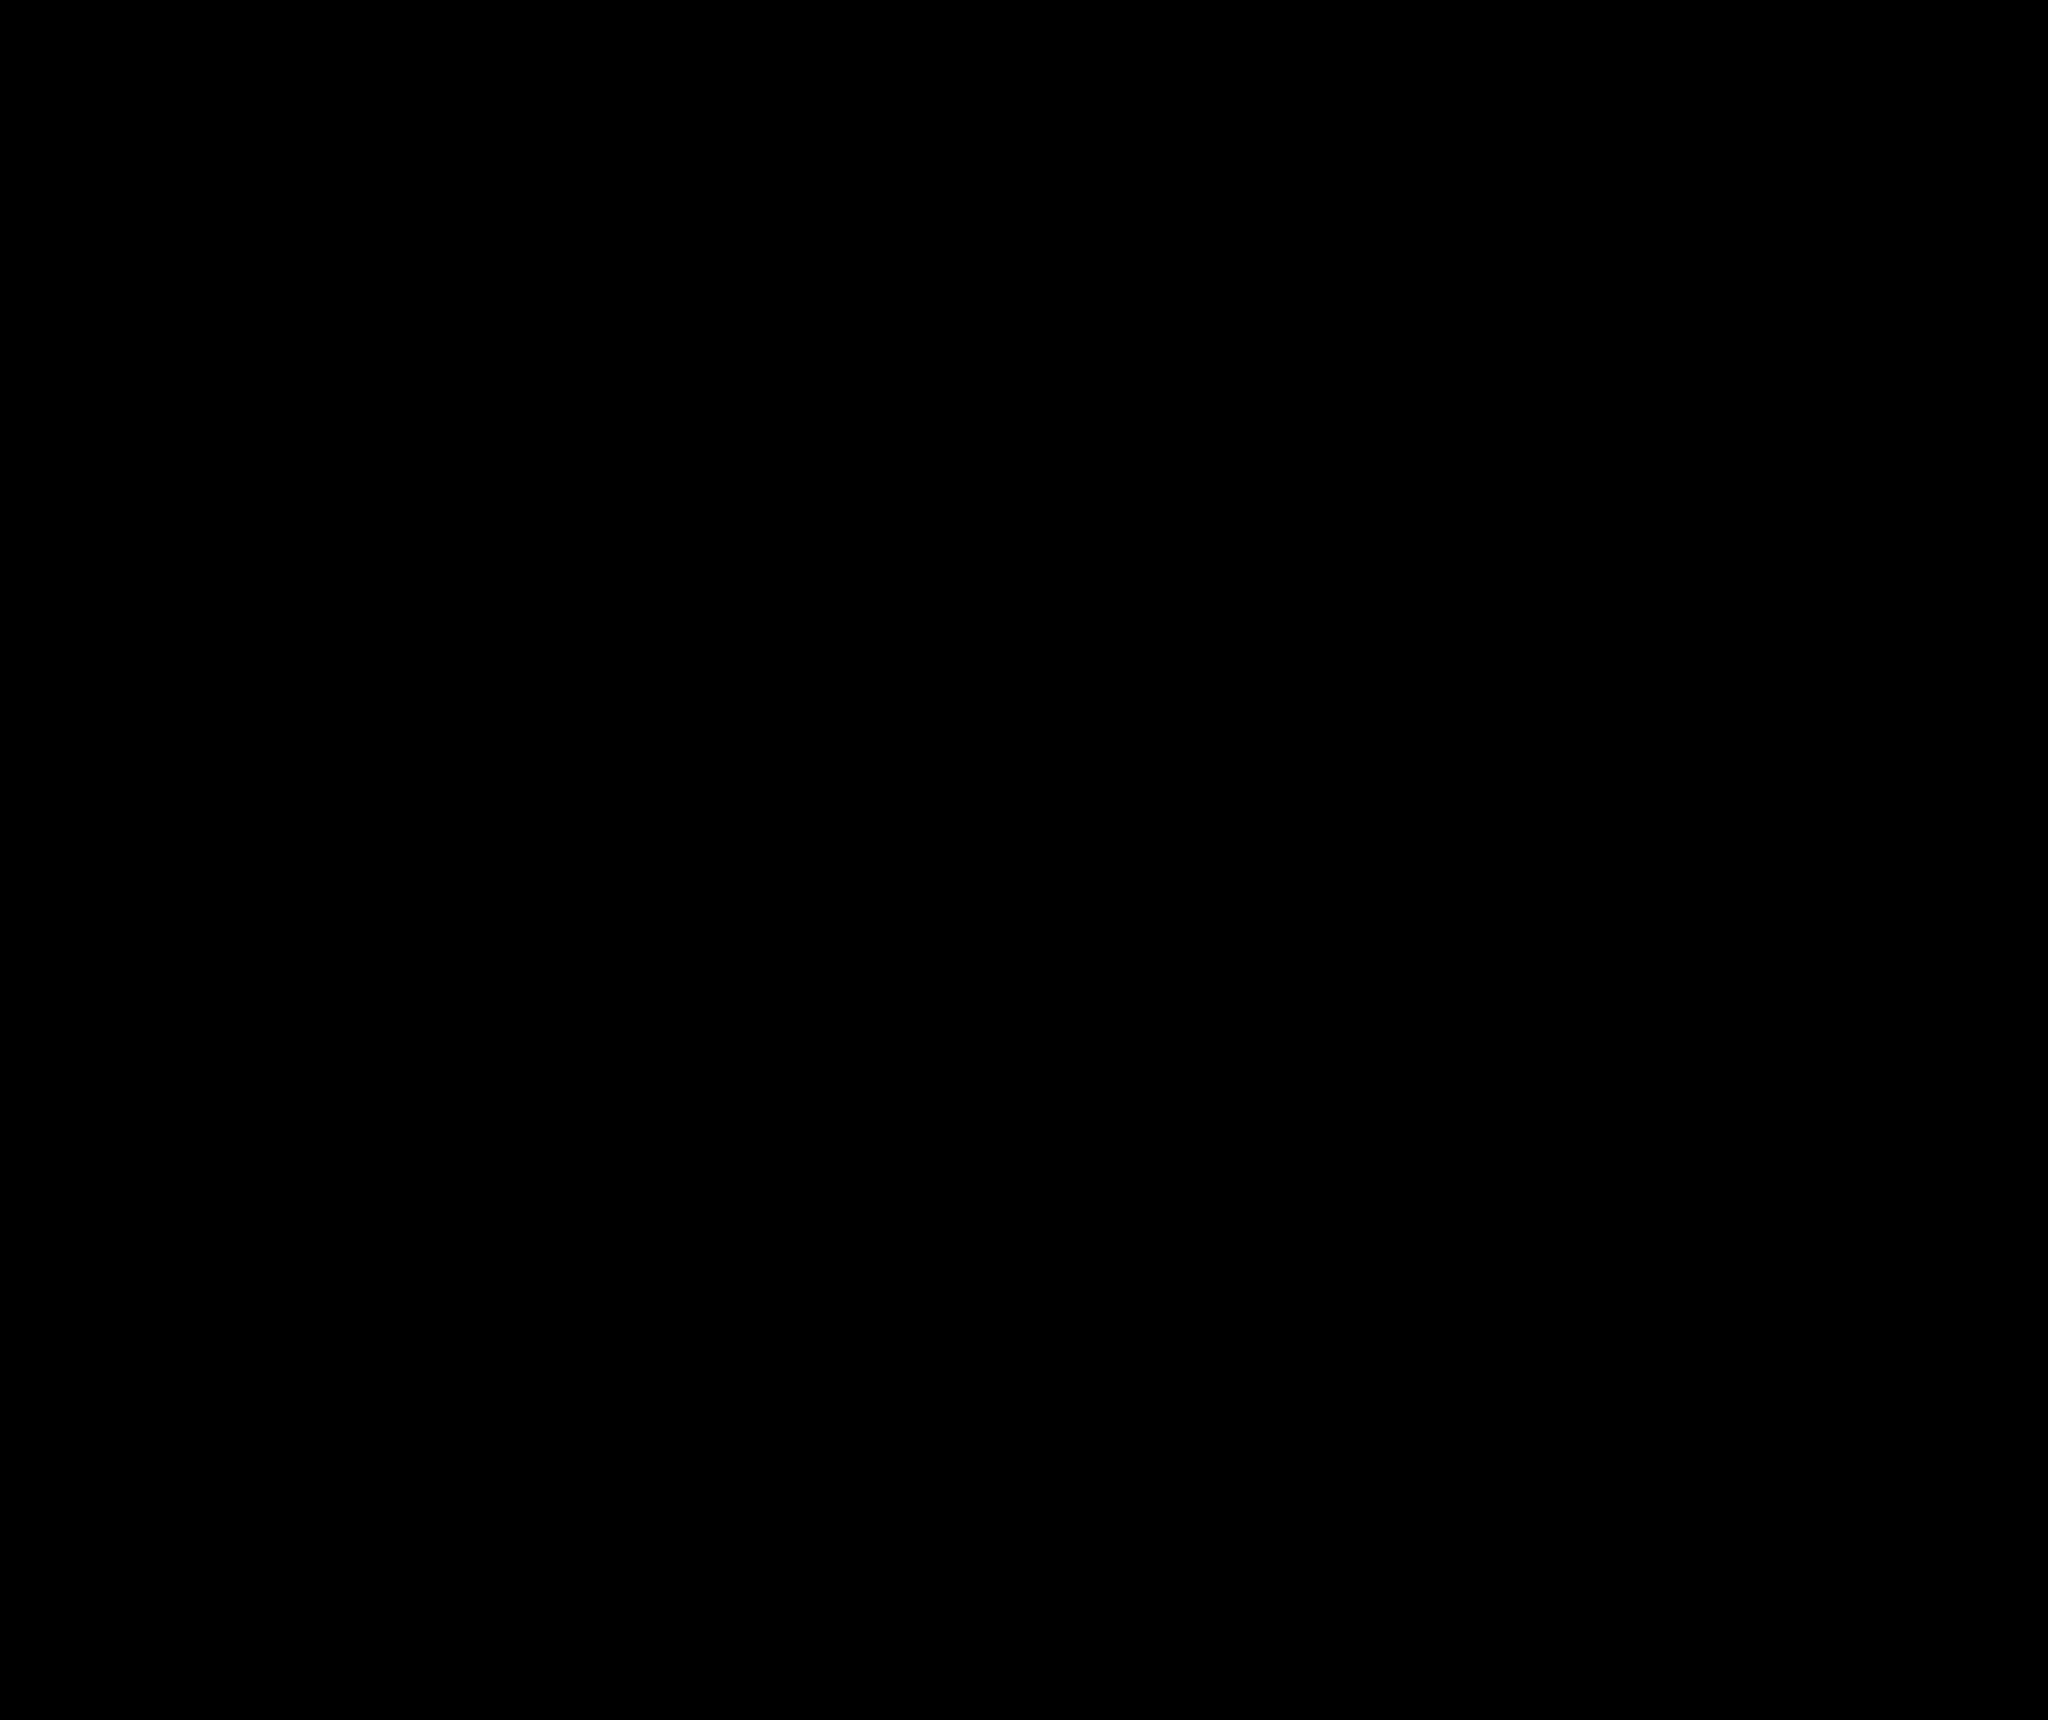 Star Trek Logo PNG Free Download.